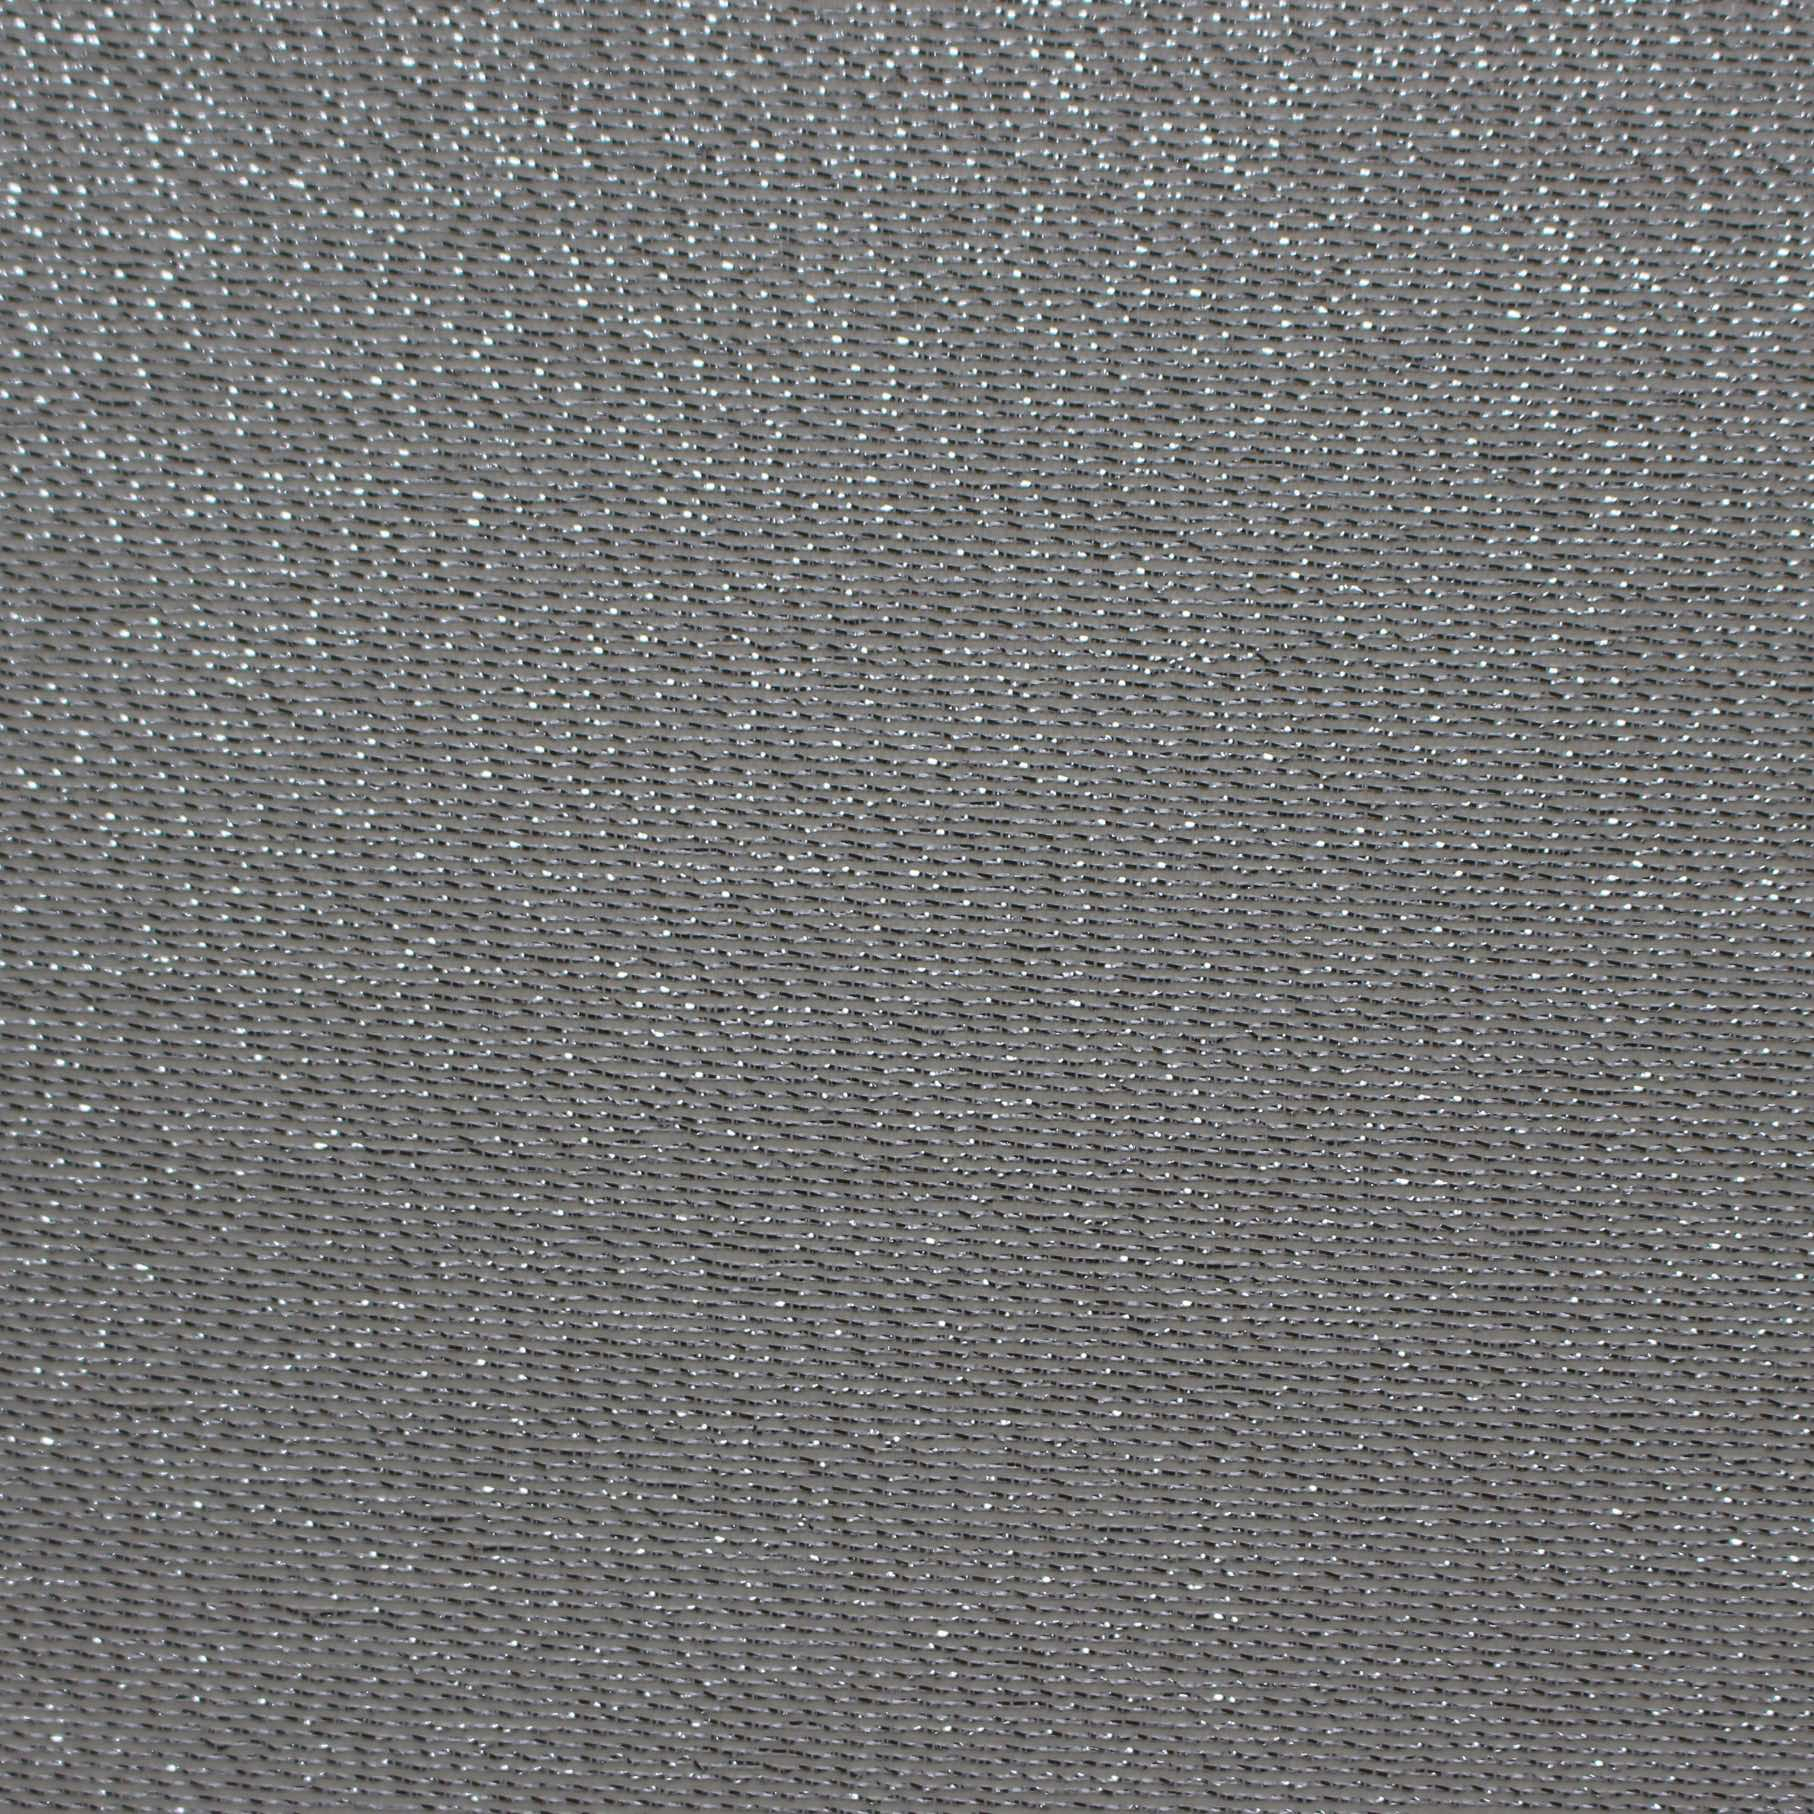 04・襖の友652銀ラメs